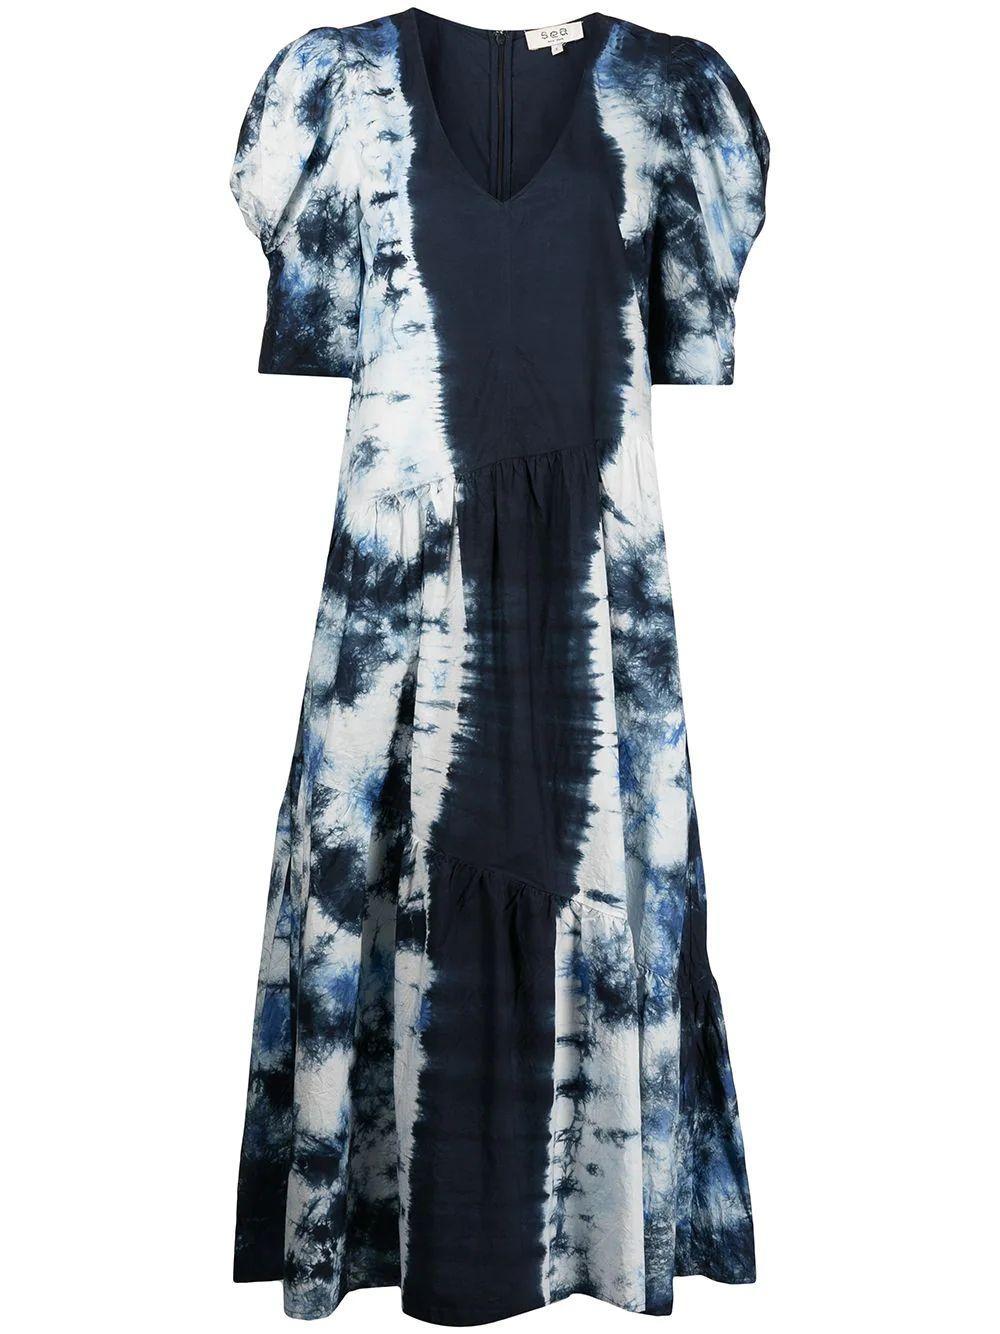 Celestia Tie Dye Dress Item # AW21-011